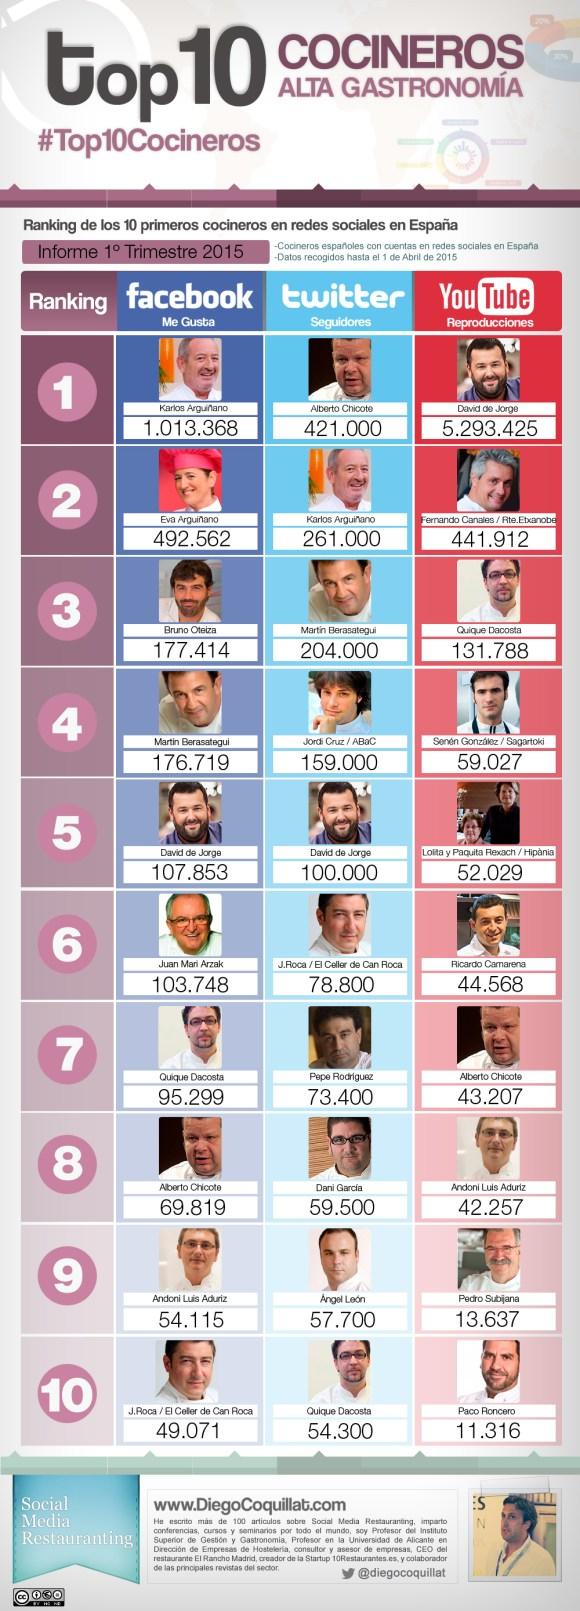 Los mejores cocineros en España en redes sociales en 2015